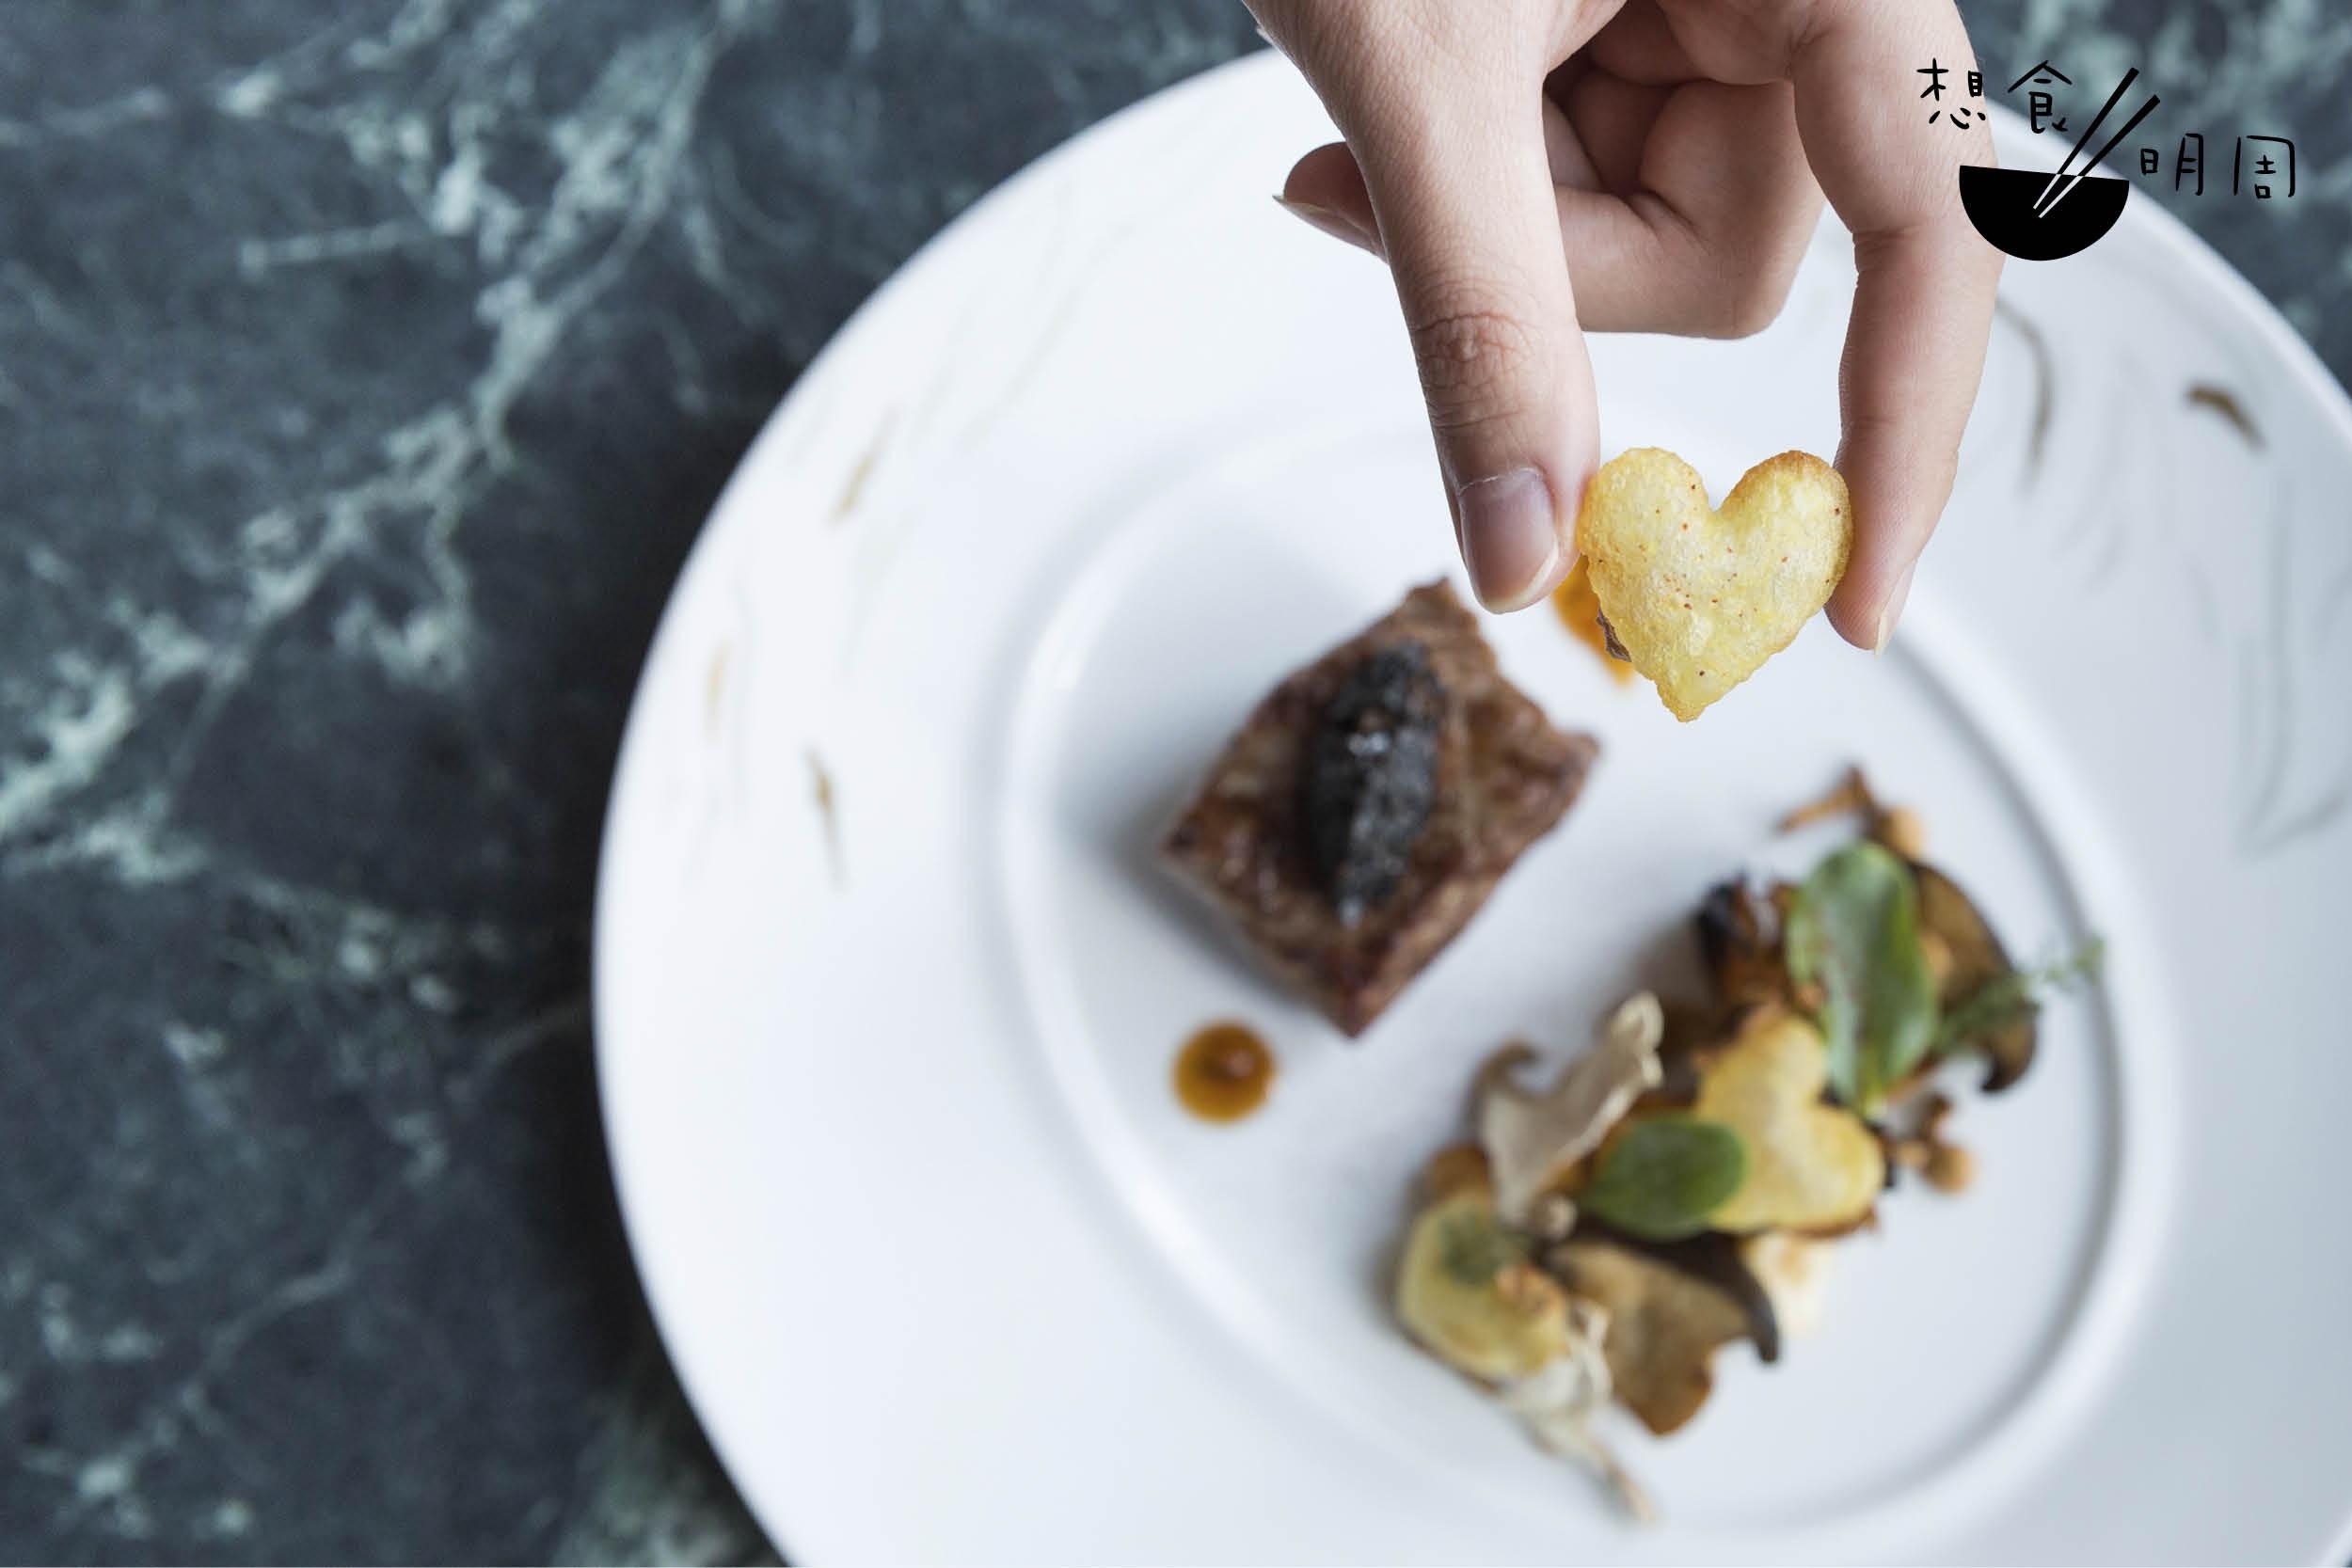 炭燒M8牛柳配香炸薯仔及傳統醬汁 // 牛肉的選材隨季節轉變。今期使用的是澳洲 M8和牛配柑橘味牛汁,在菇菜間放上pomme soufflé,以平衡肉脂同時兼具香脆口感。 (DÉCOUVERTE五道菜餐單,$1,888/位)